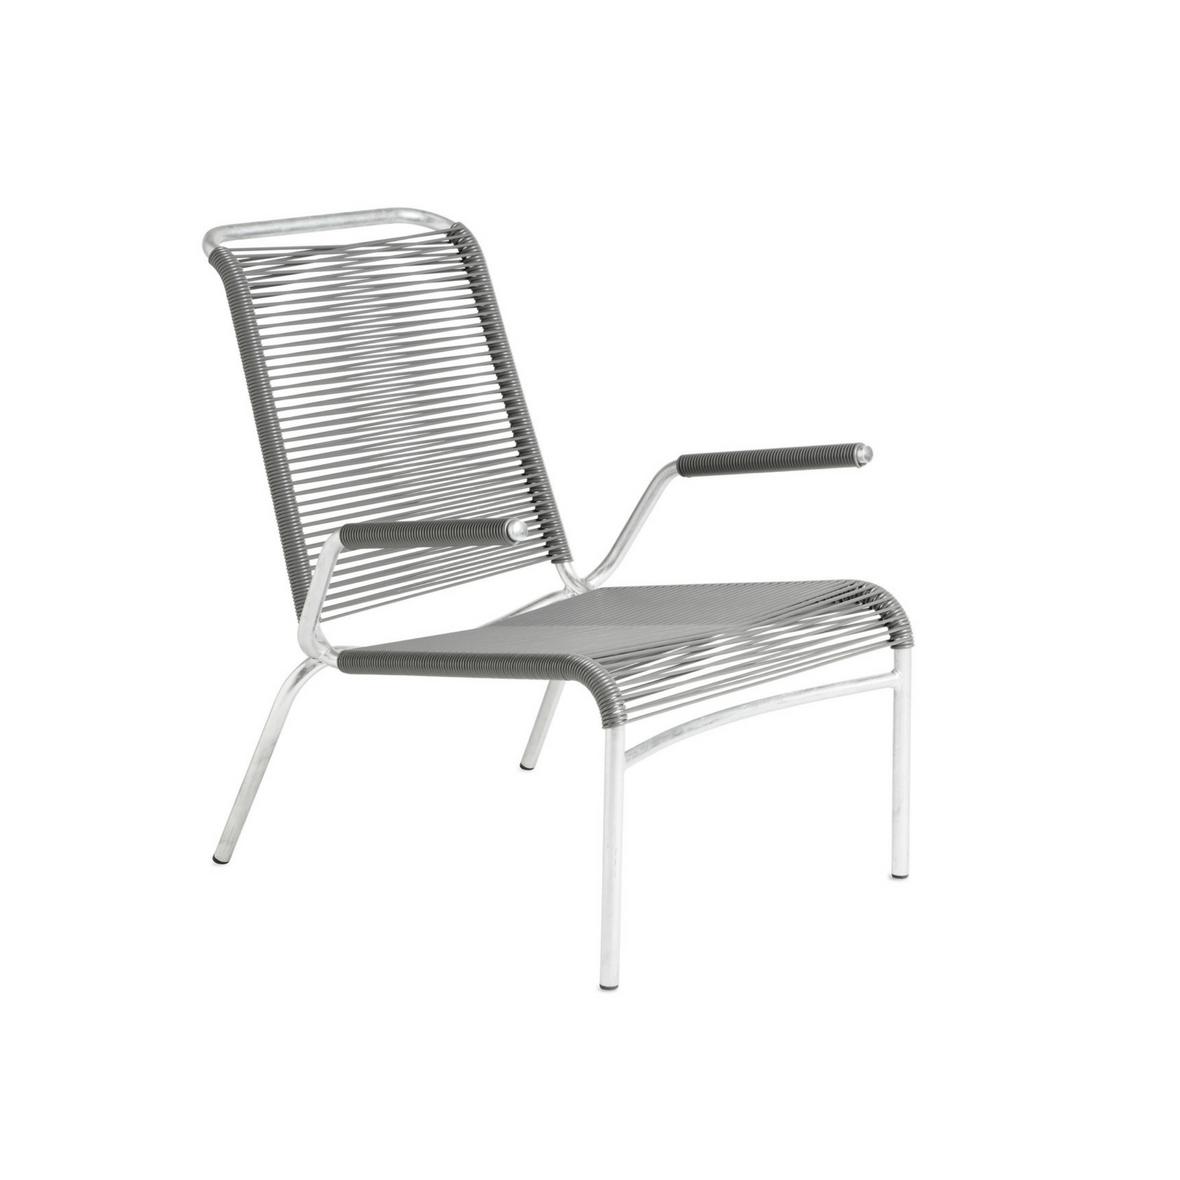 Altorfer Lounge Sessel 1142 mit Armlehne Aschgrau von Embru